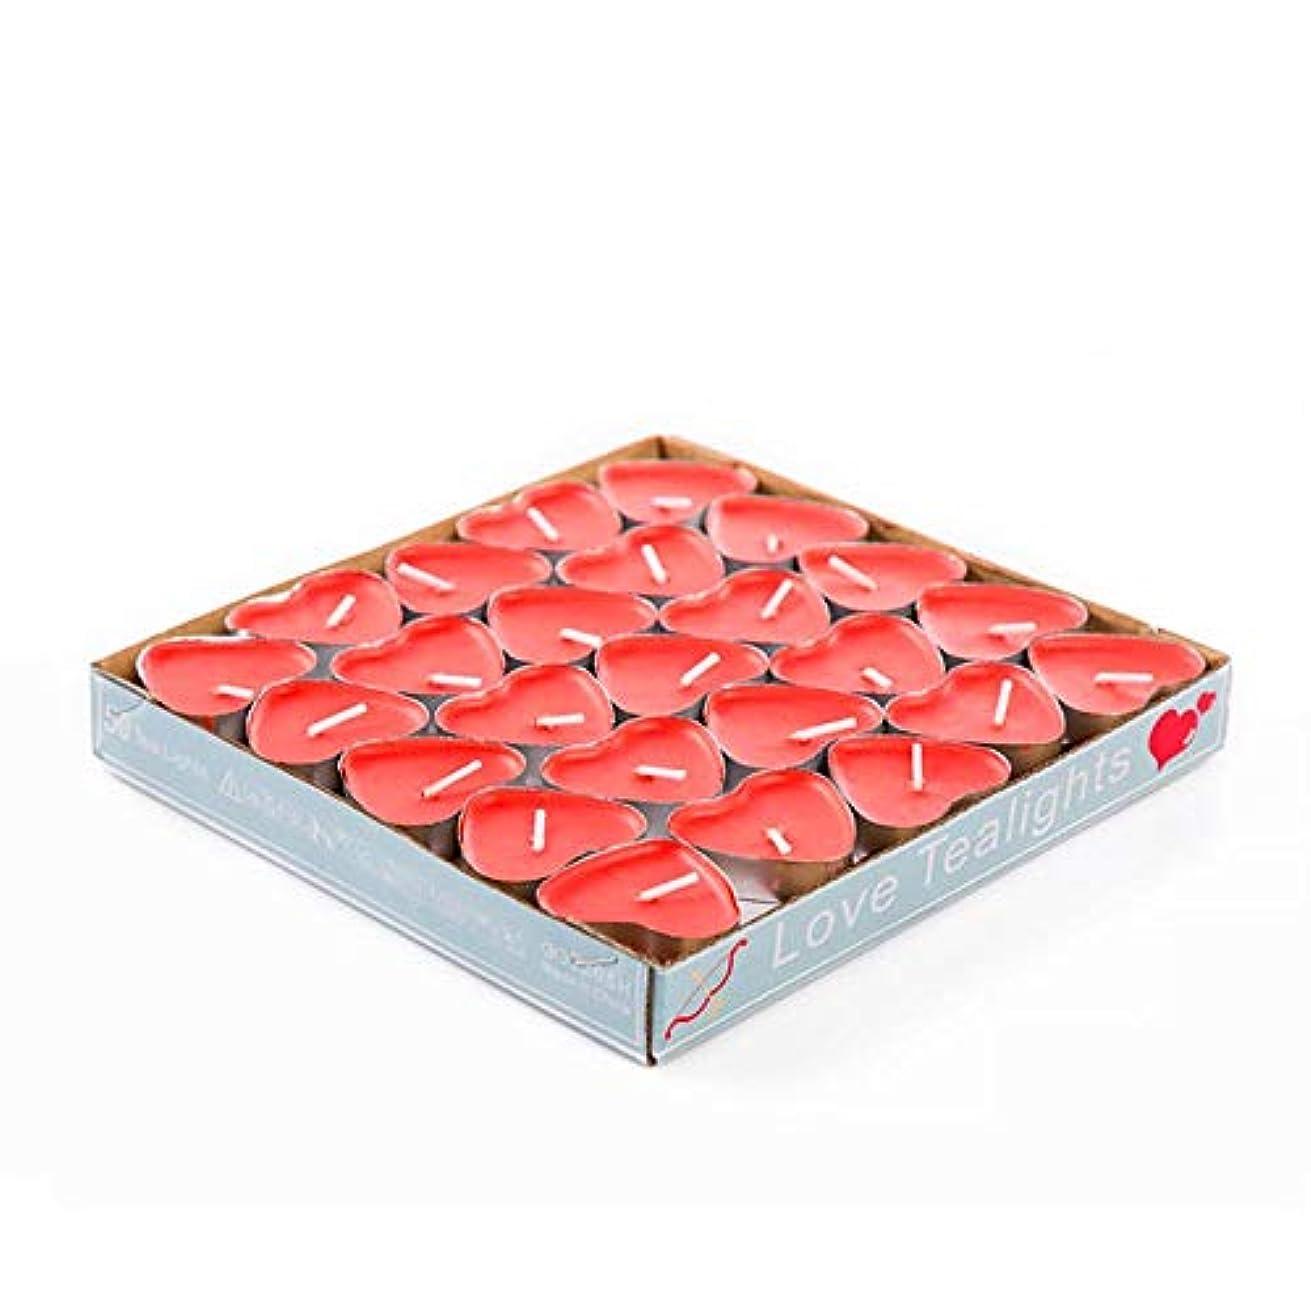 貫入宣伝目立つHwagui アロマキャンドル ティーキャンドル ギフト ワックス アロマセラピー ギー ろうそく バターキャンドル 50個 2時間 ZH008